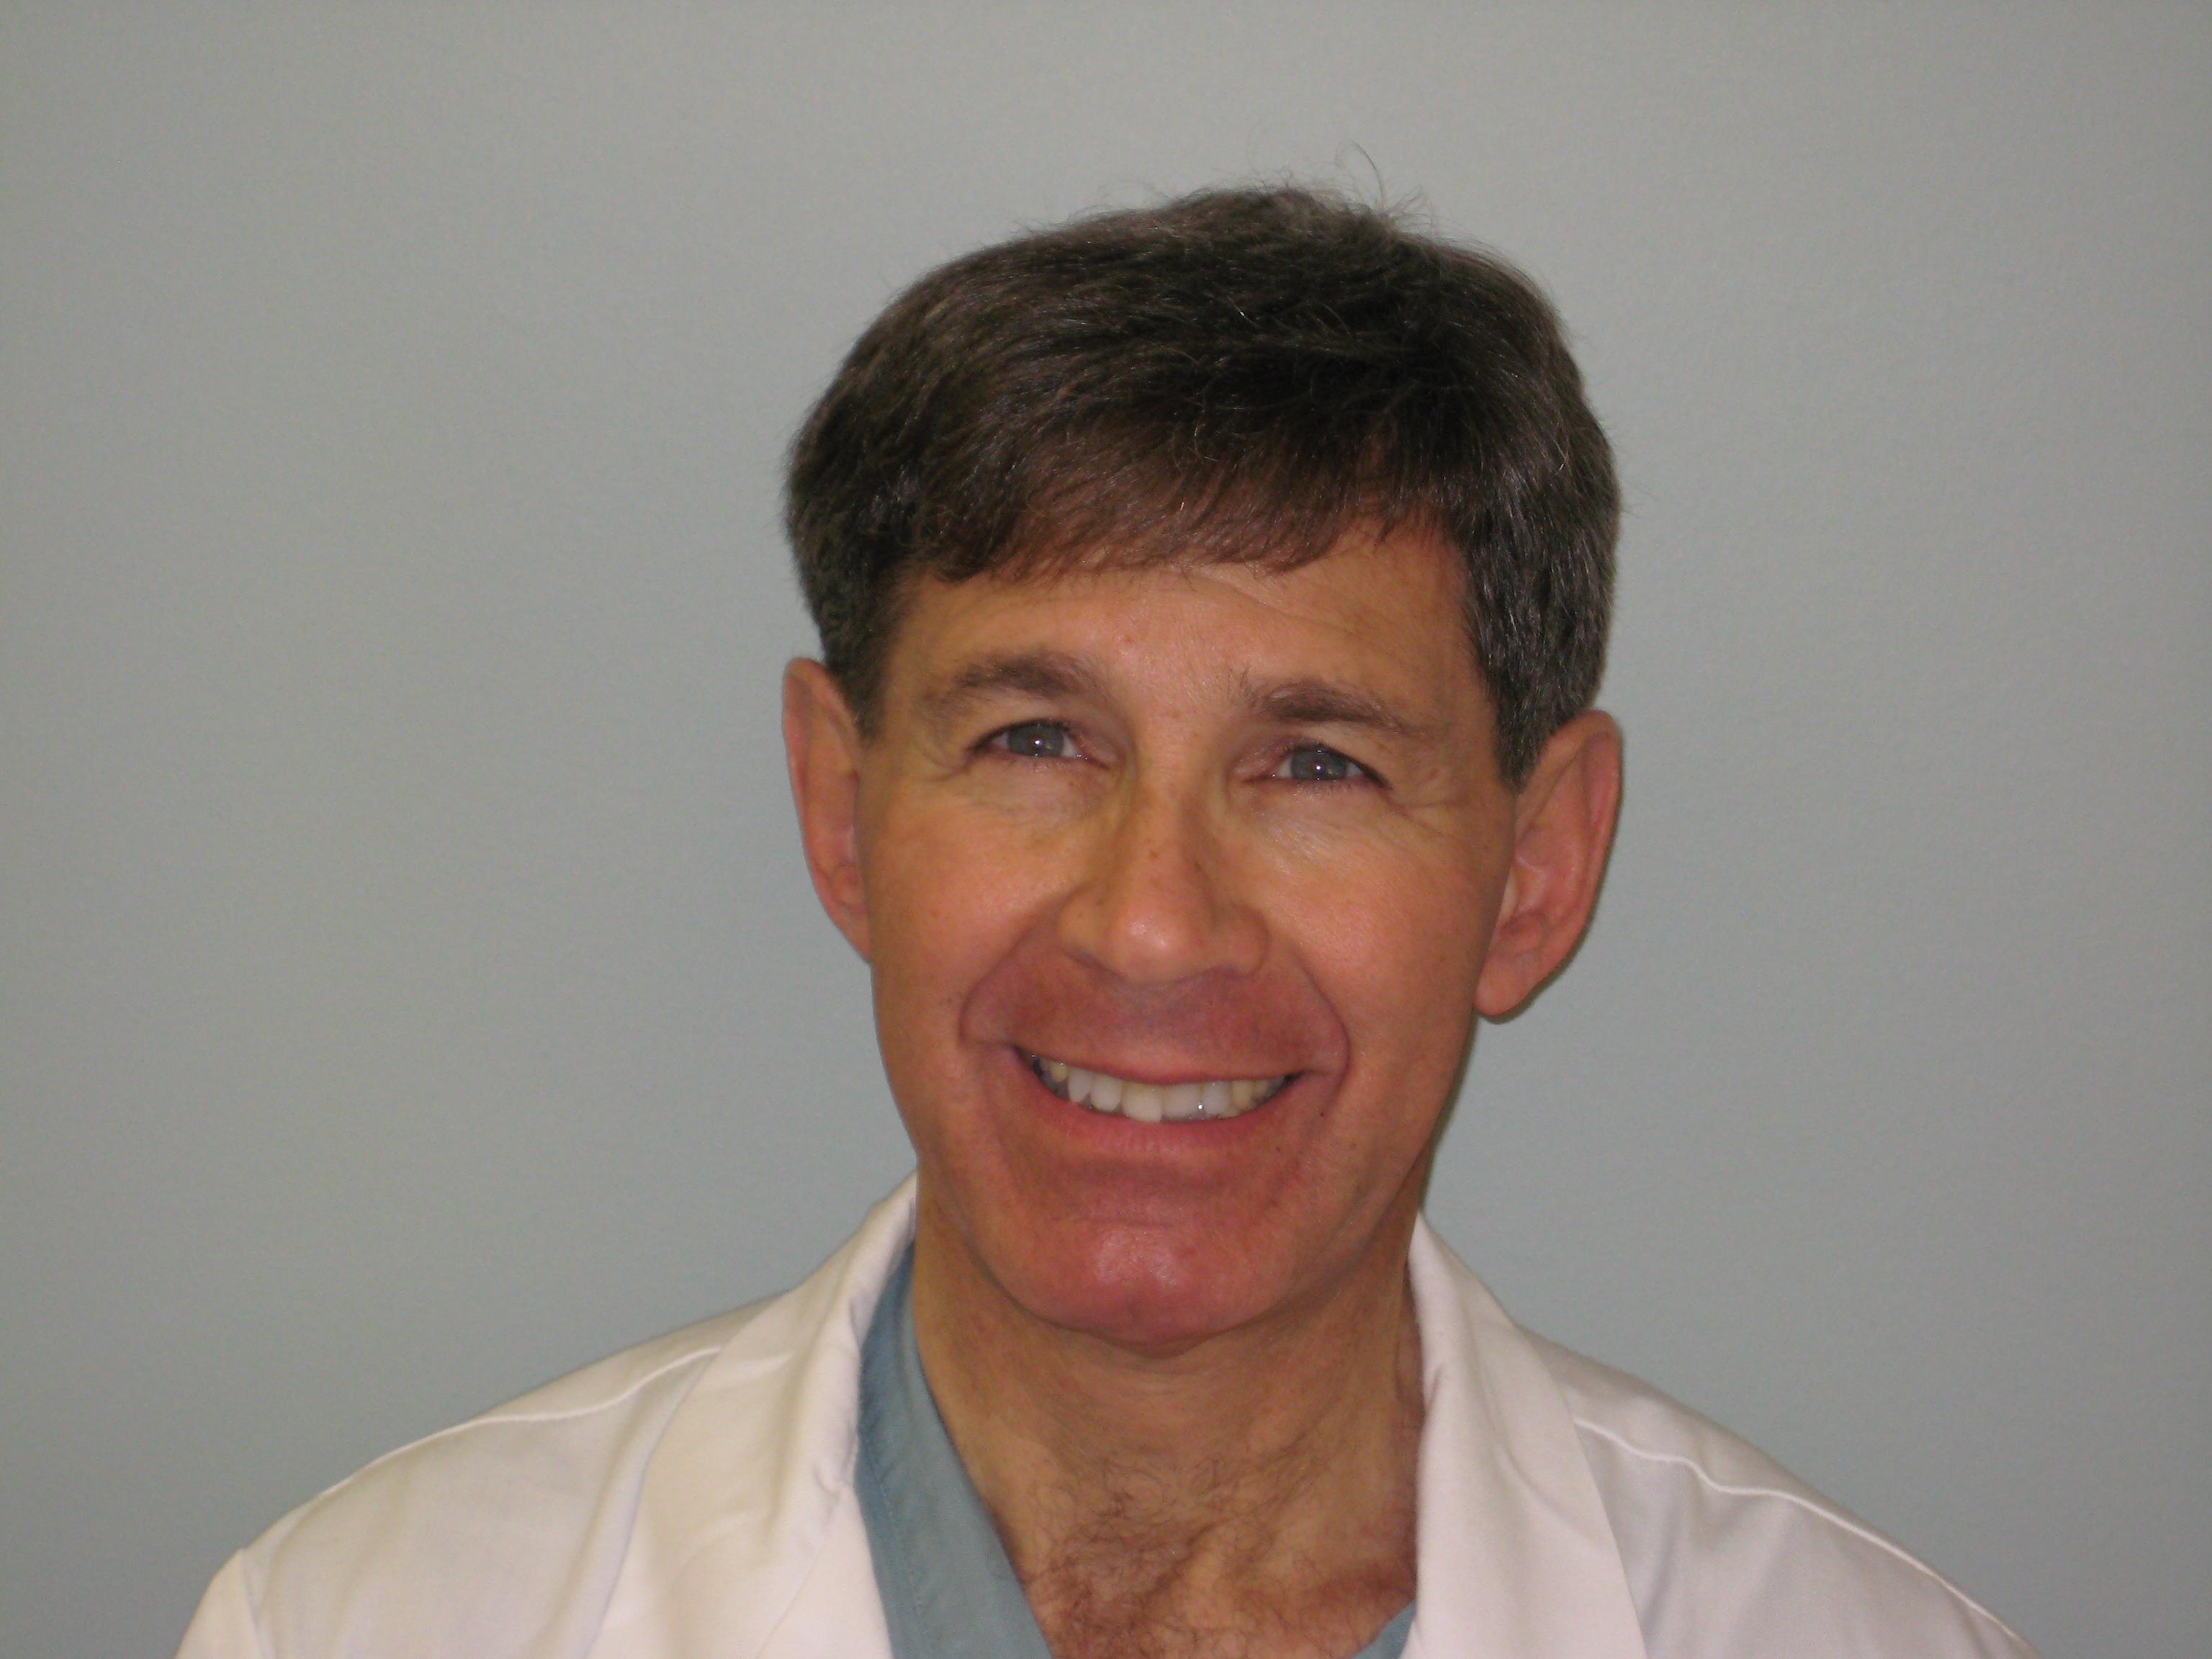 Mitchel Kanter, MD